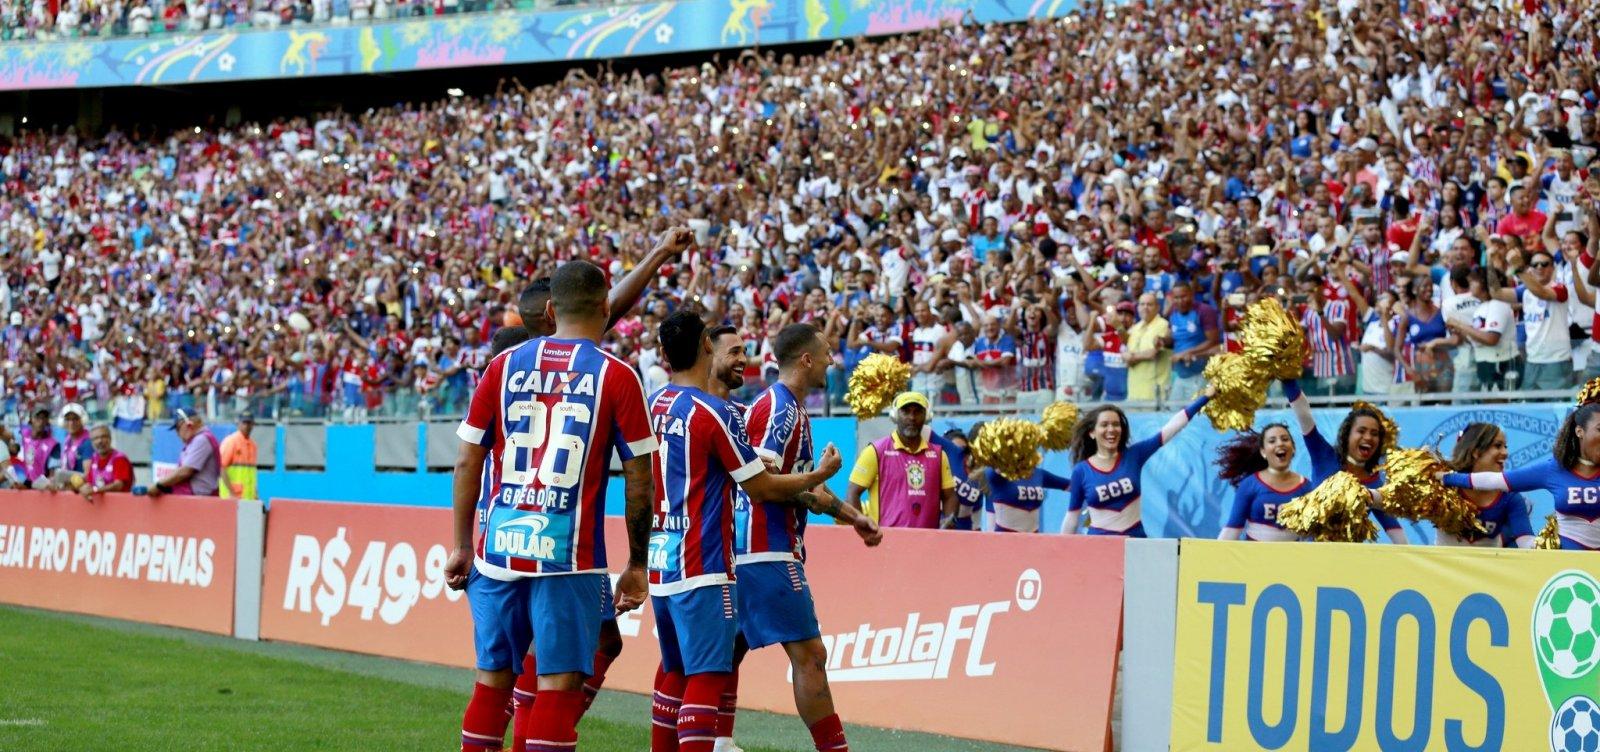 Em ação de natal, torcedores podem trocar brinquedos por ingresso para jogo contra o Atlético-MG